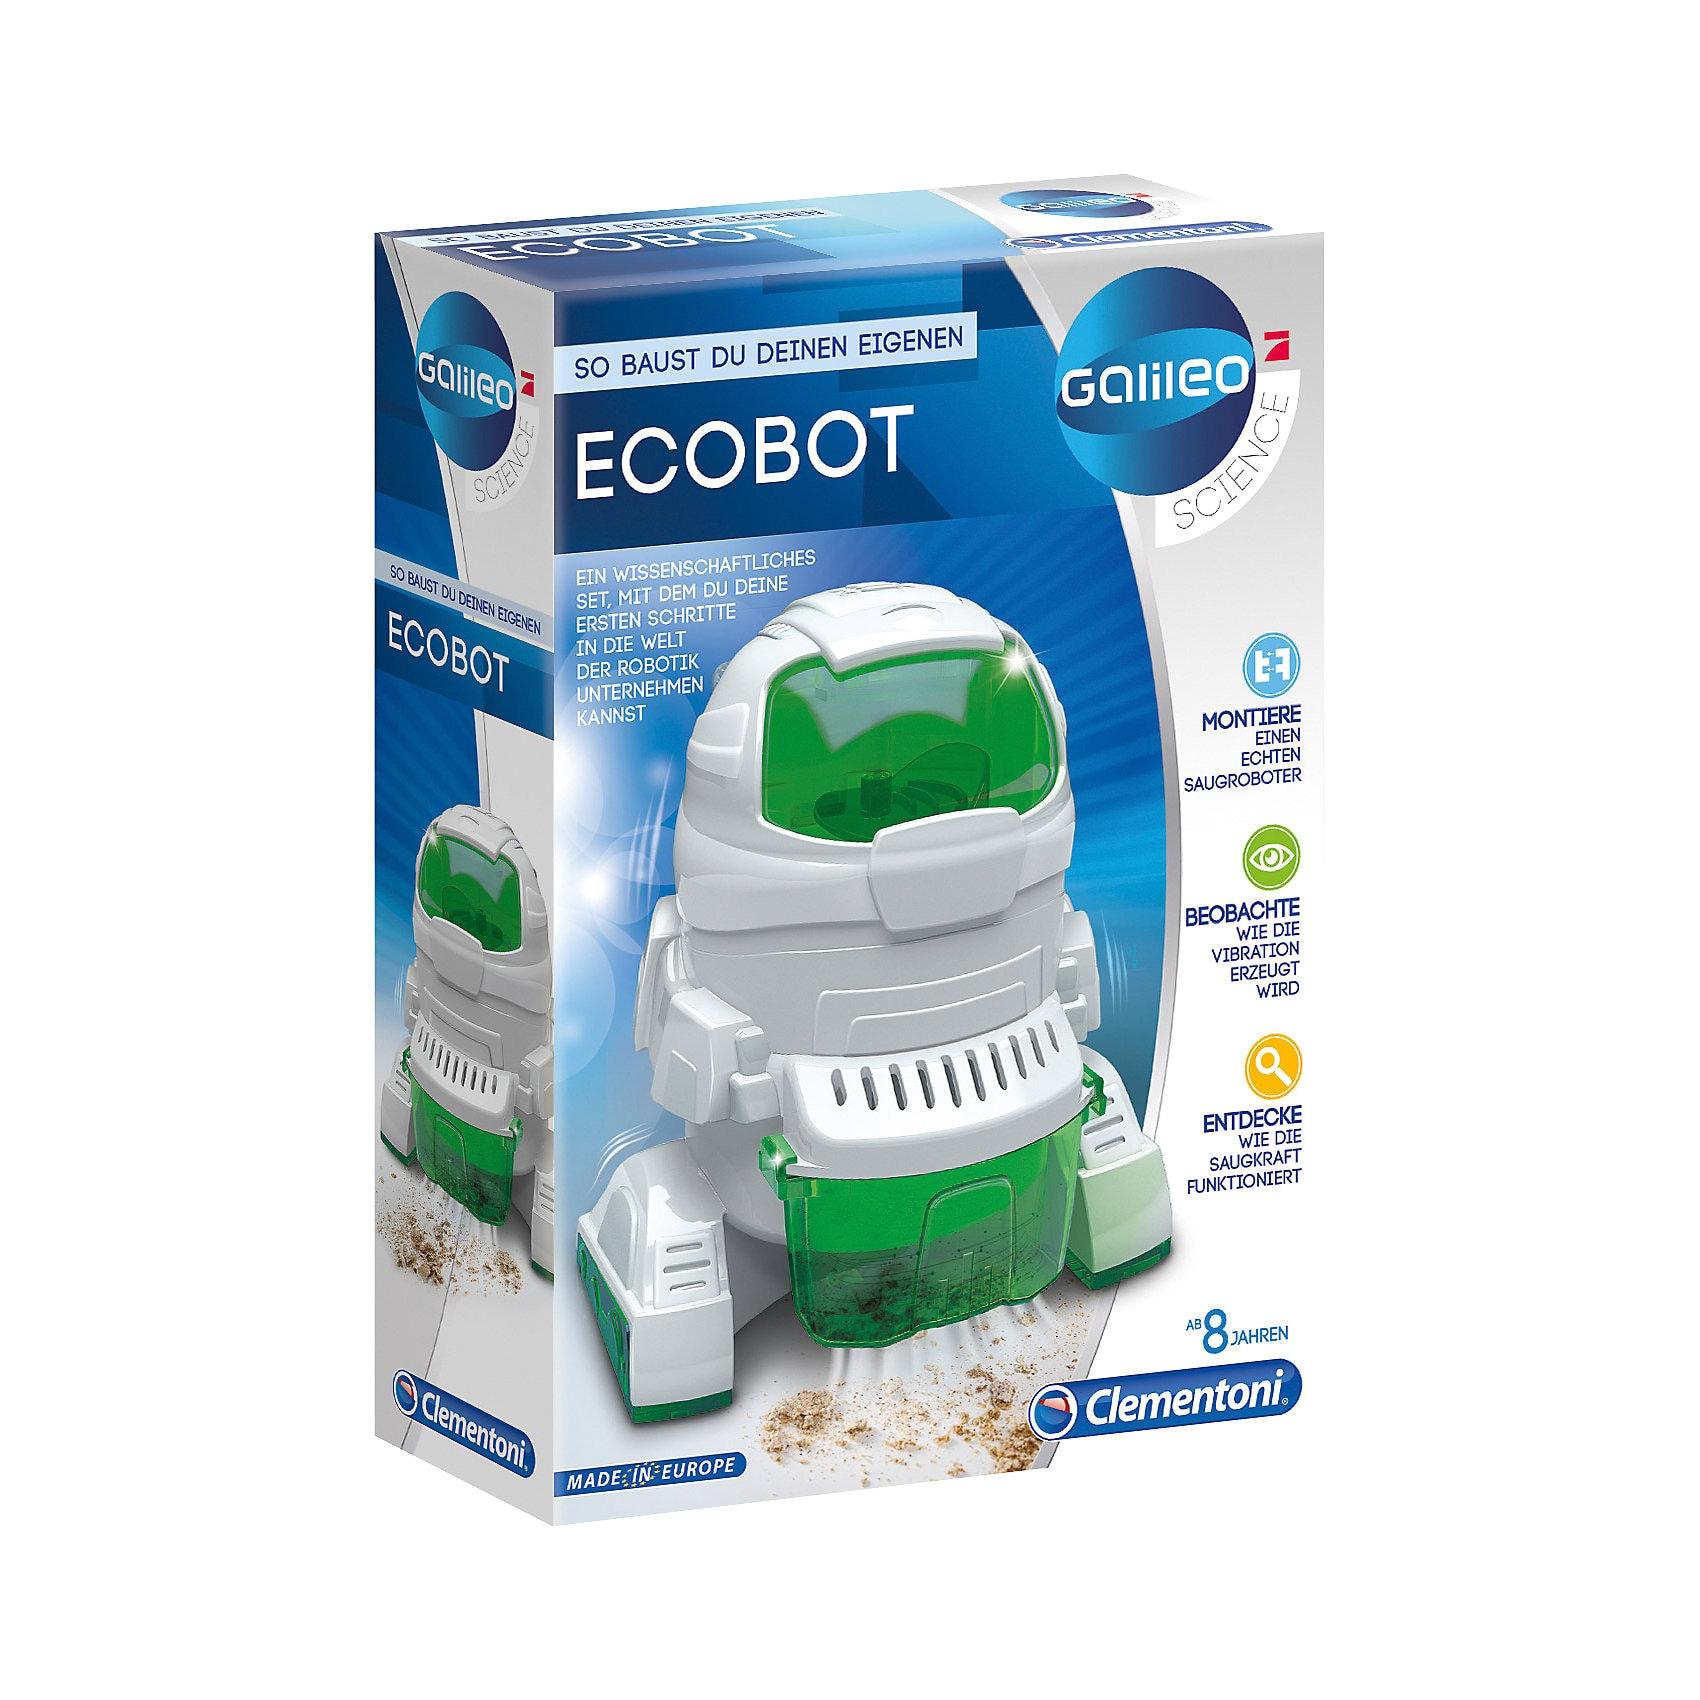 Clementoni Galileo Ecobot